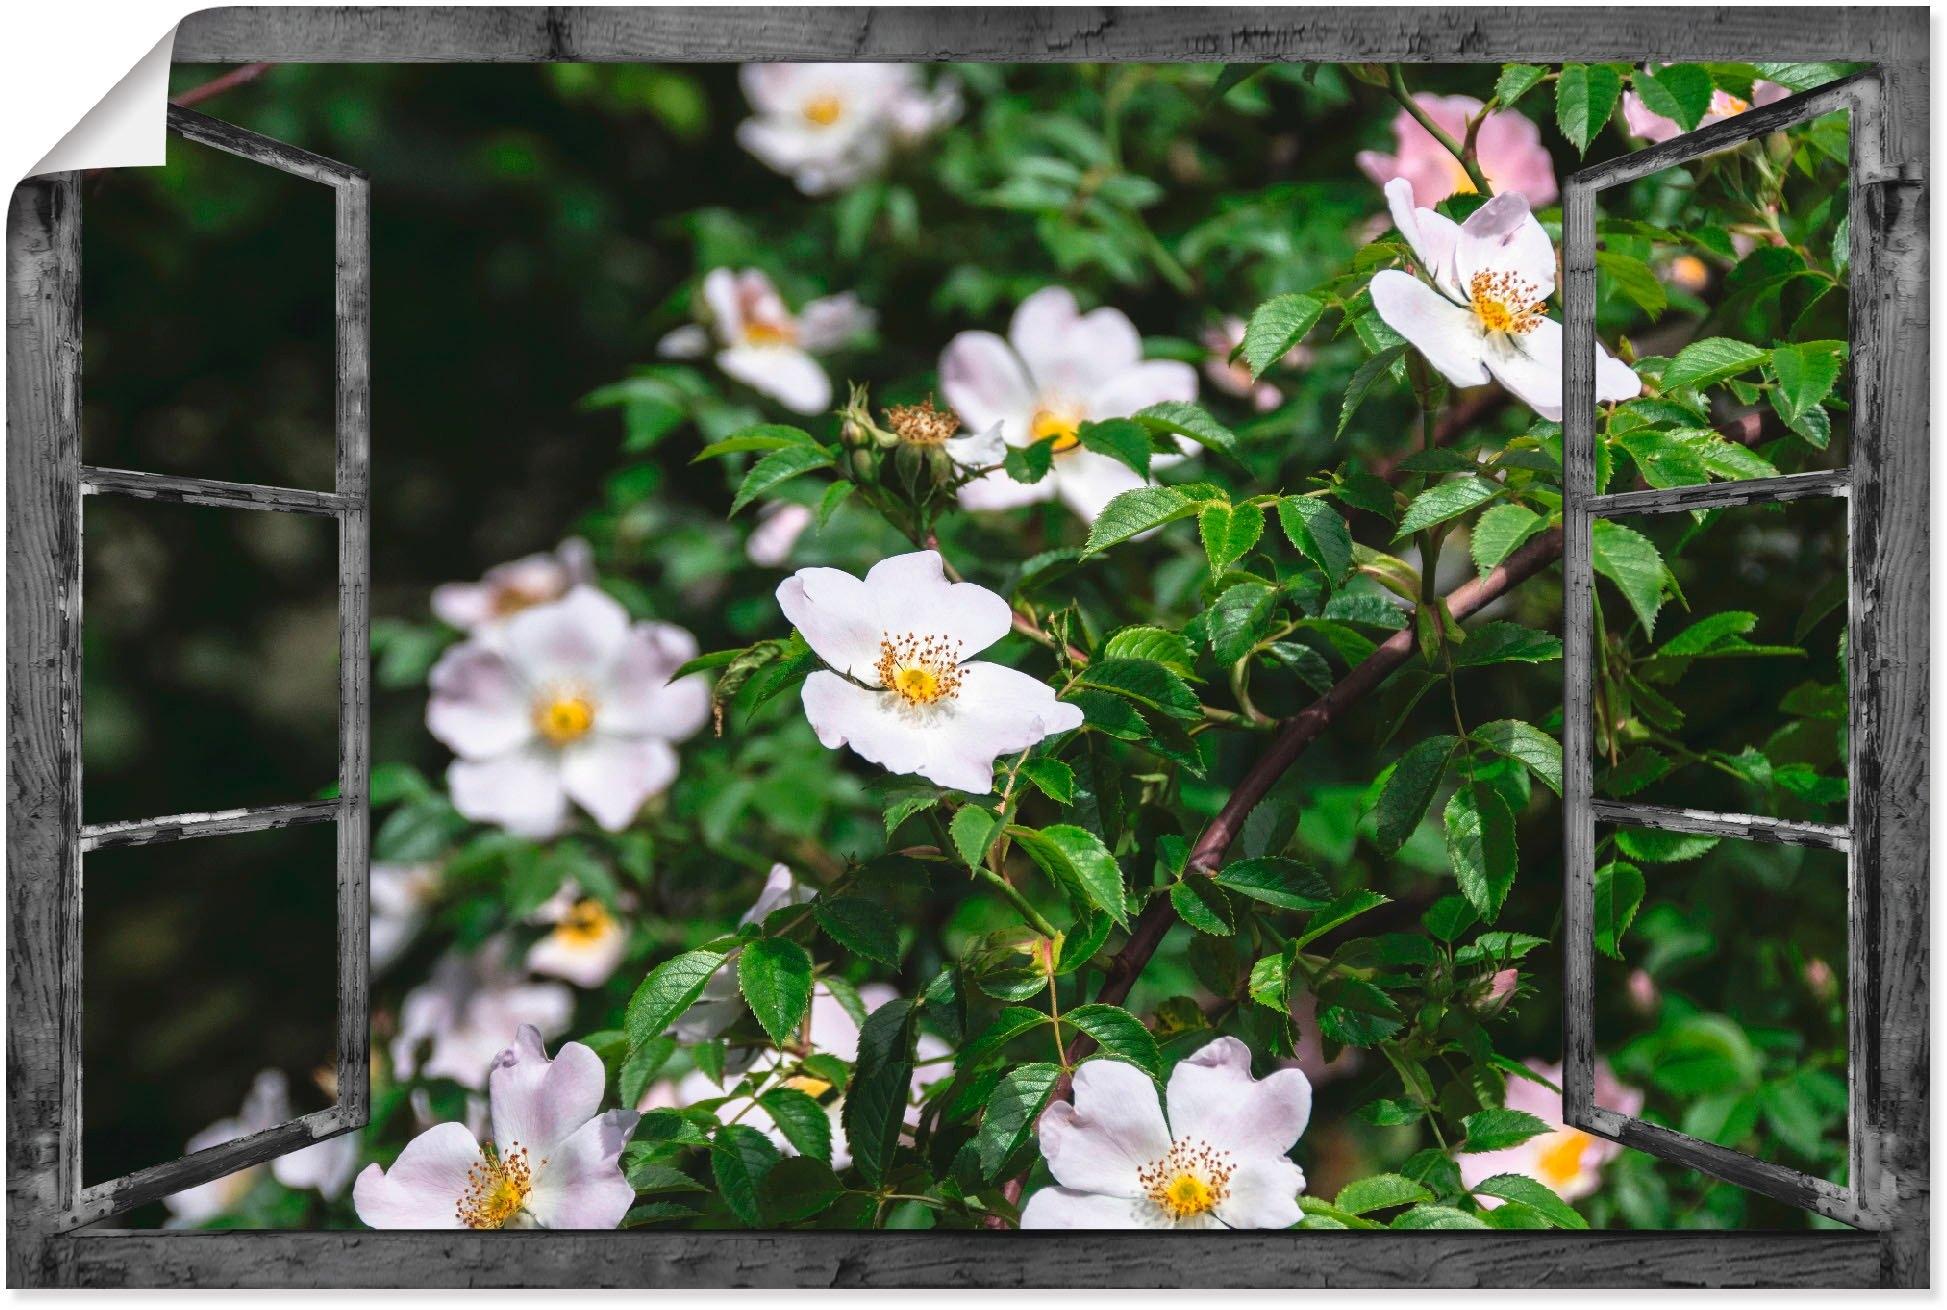 Artland artprint Blik uit het venster - wilde rozen in vele afmetingen & productsoorten - artprint van aluminium / artprint voor buiten, artprint op linnen, poster, muursticker / wandfolie ook geschikt voor de badkamer (1 stuk) in de webshop van OTTO kopen